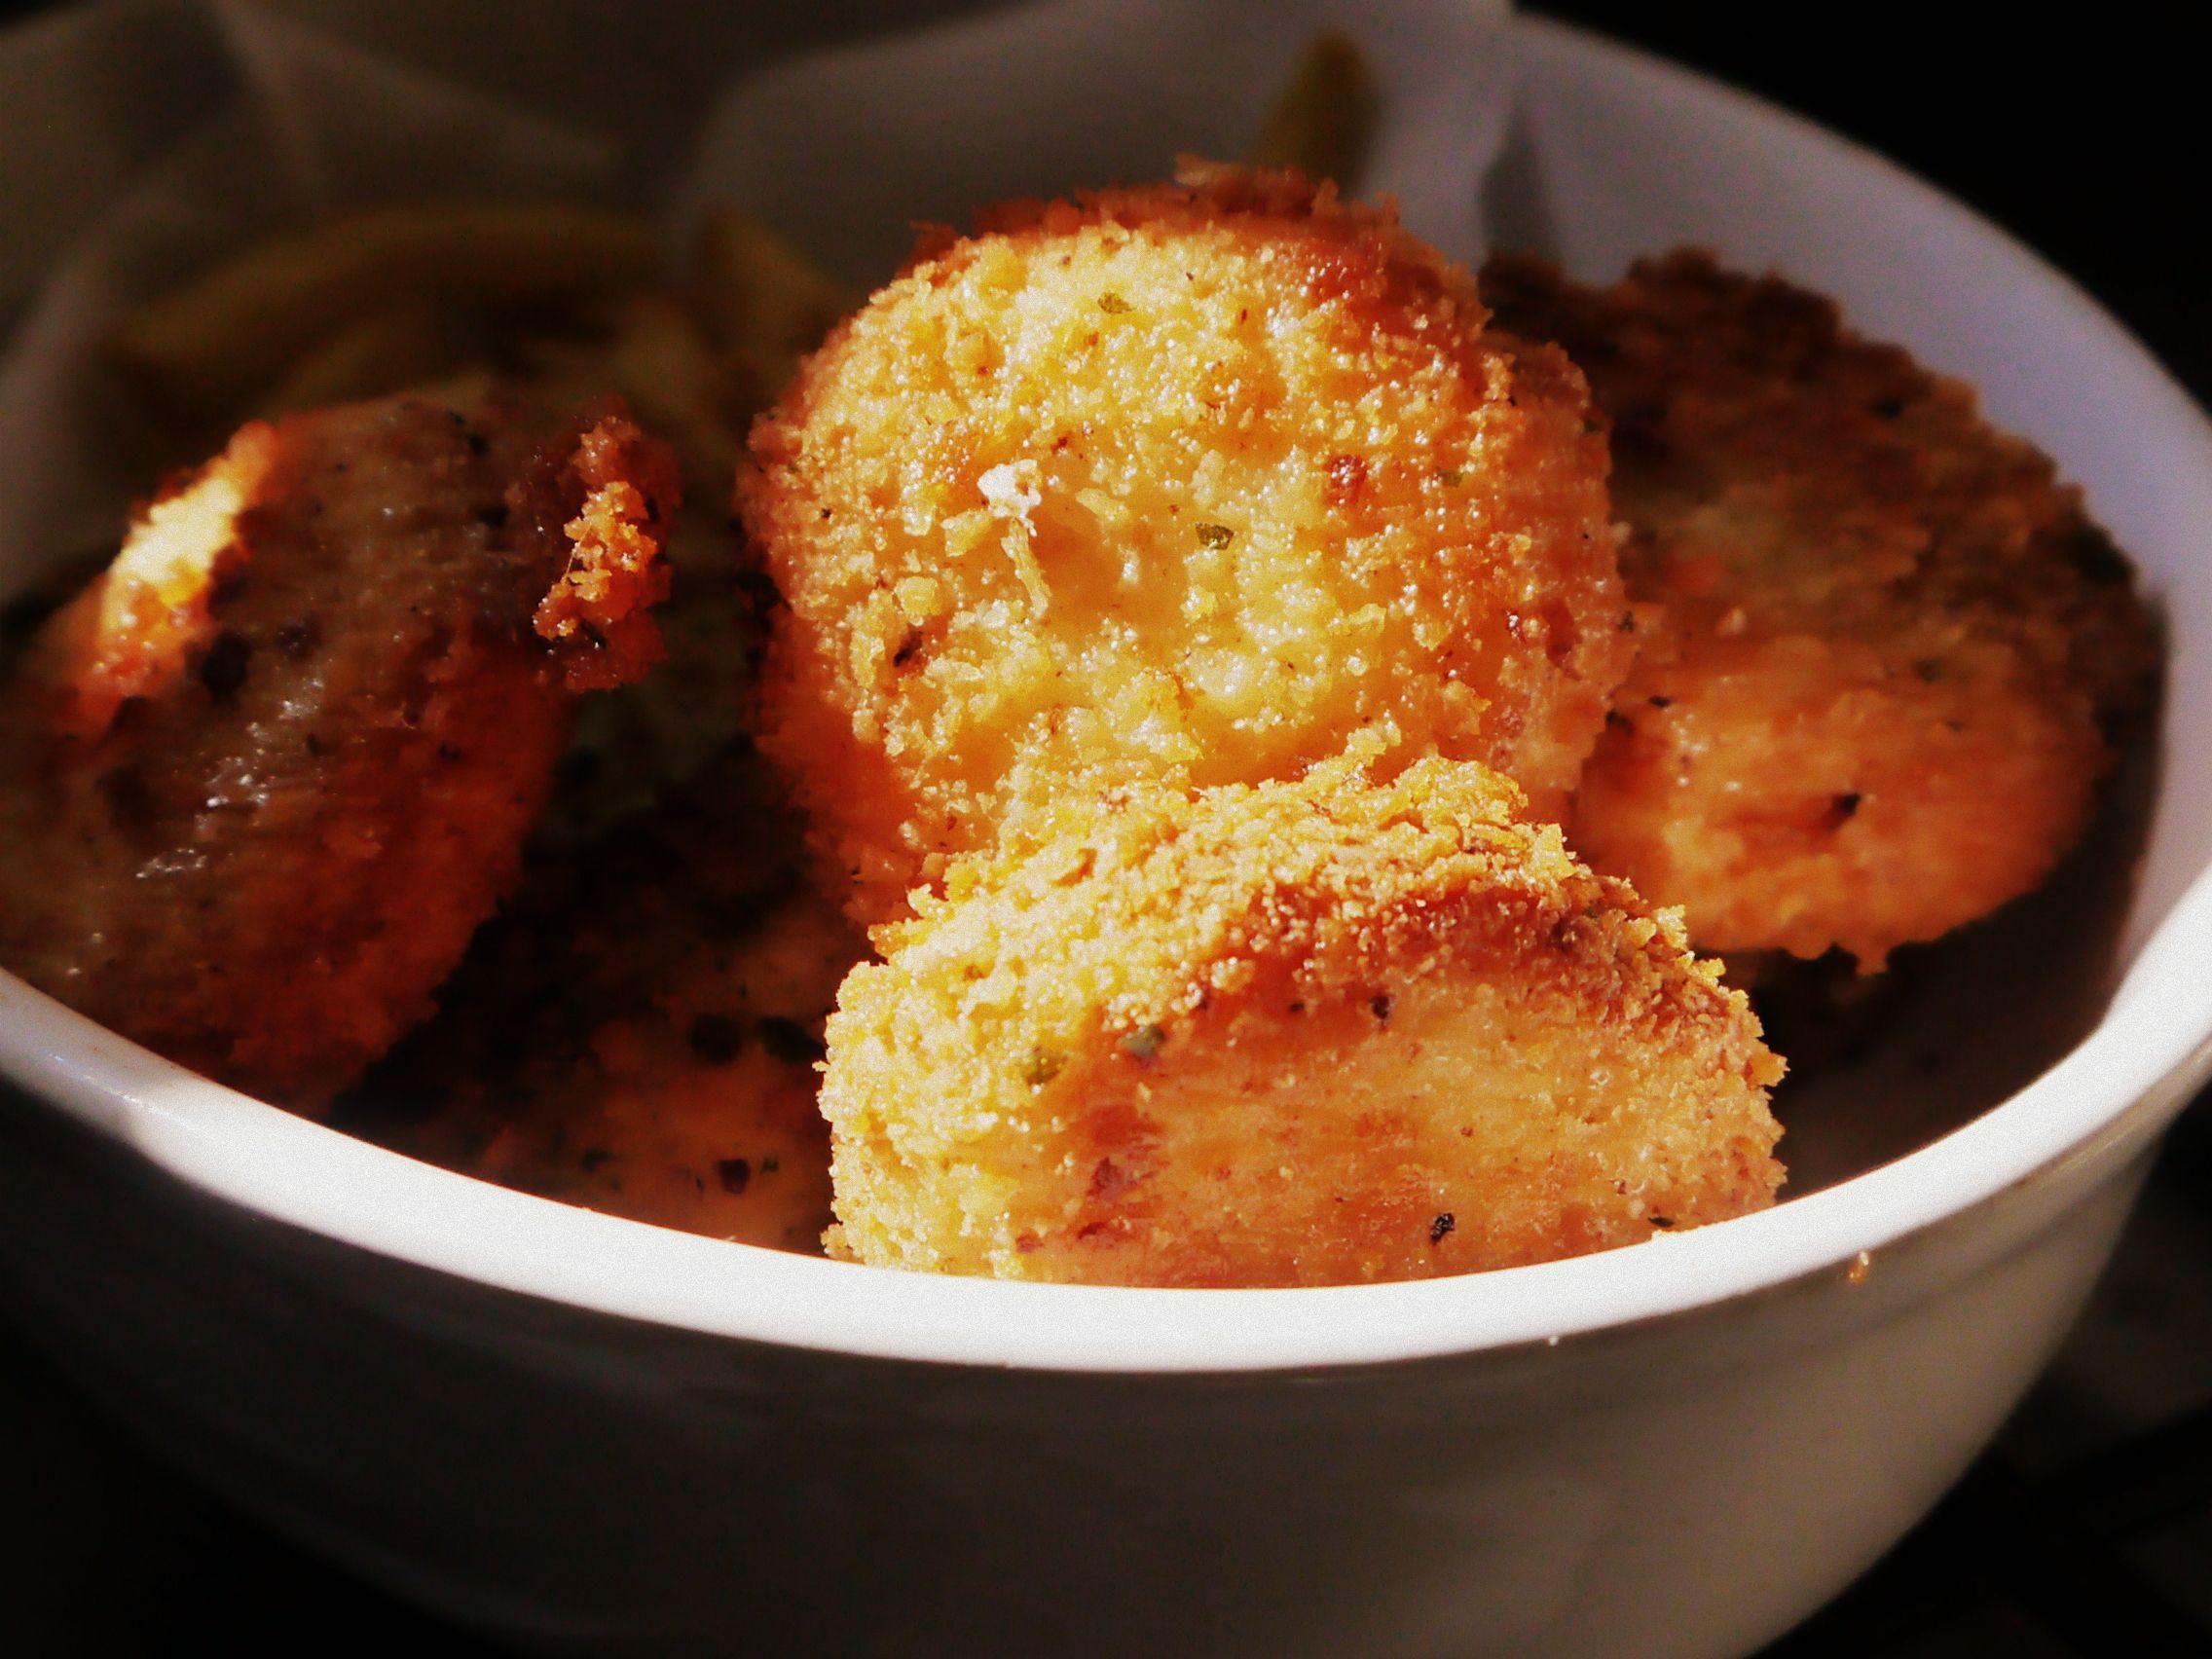 Nuggets de pollo caseros: cómo hacerlos con pollo de verdad, sin conservantes, colorantes ni saborizantes. Riquísimos y a prueba de niños ñañosos.